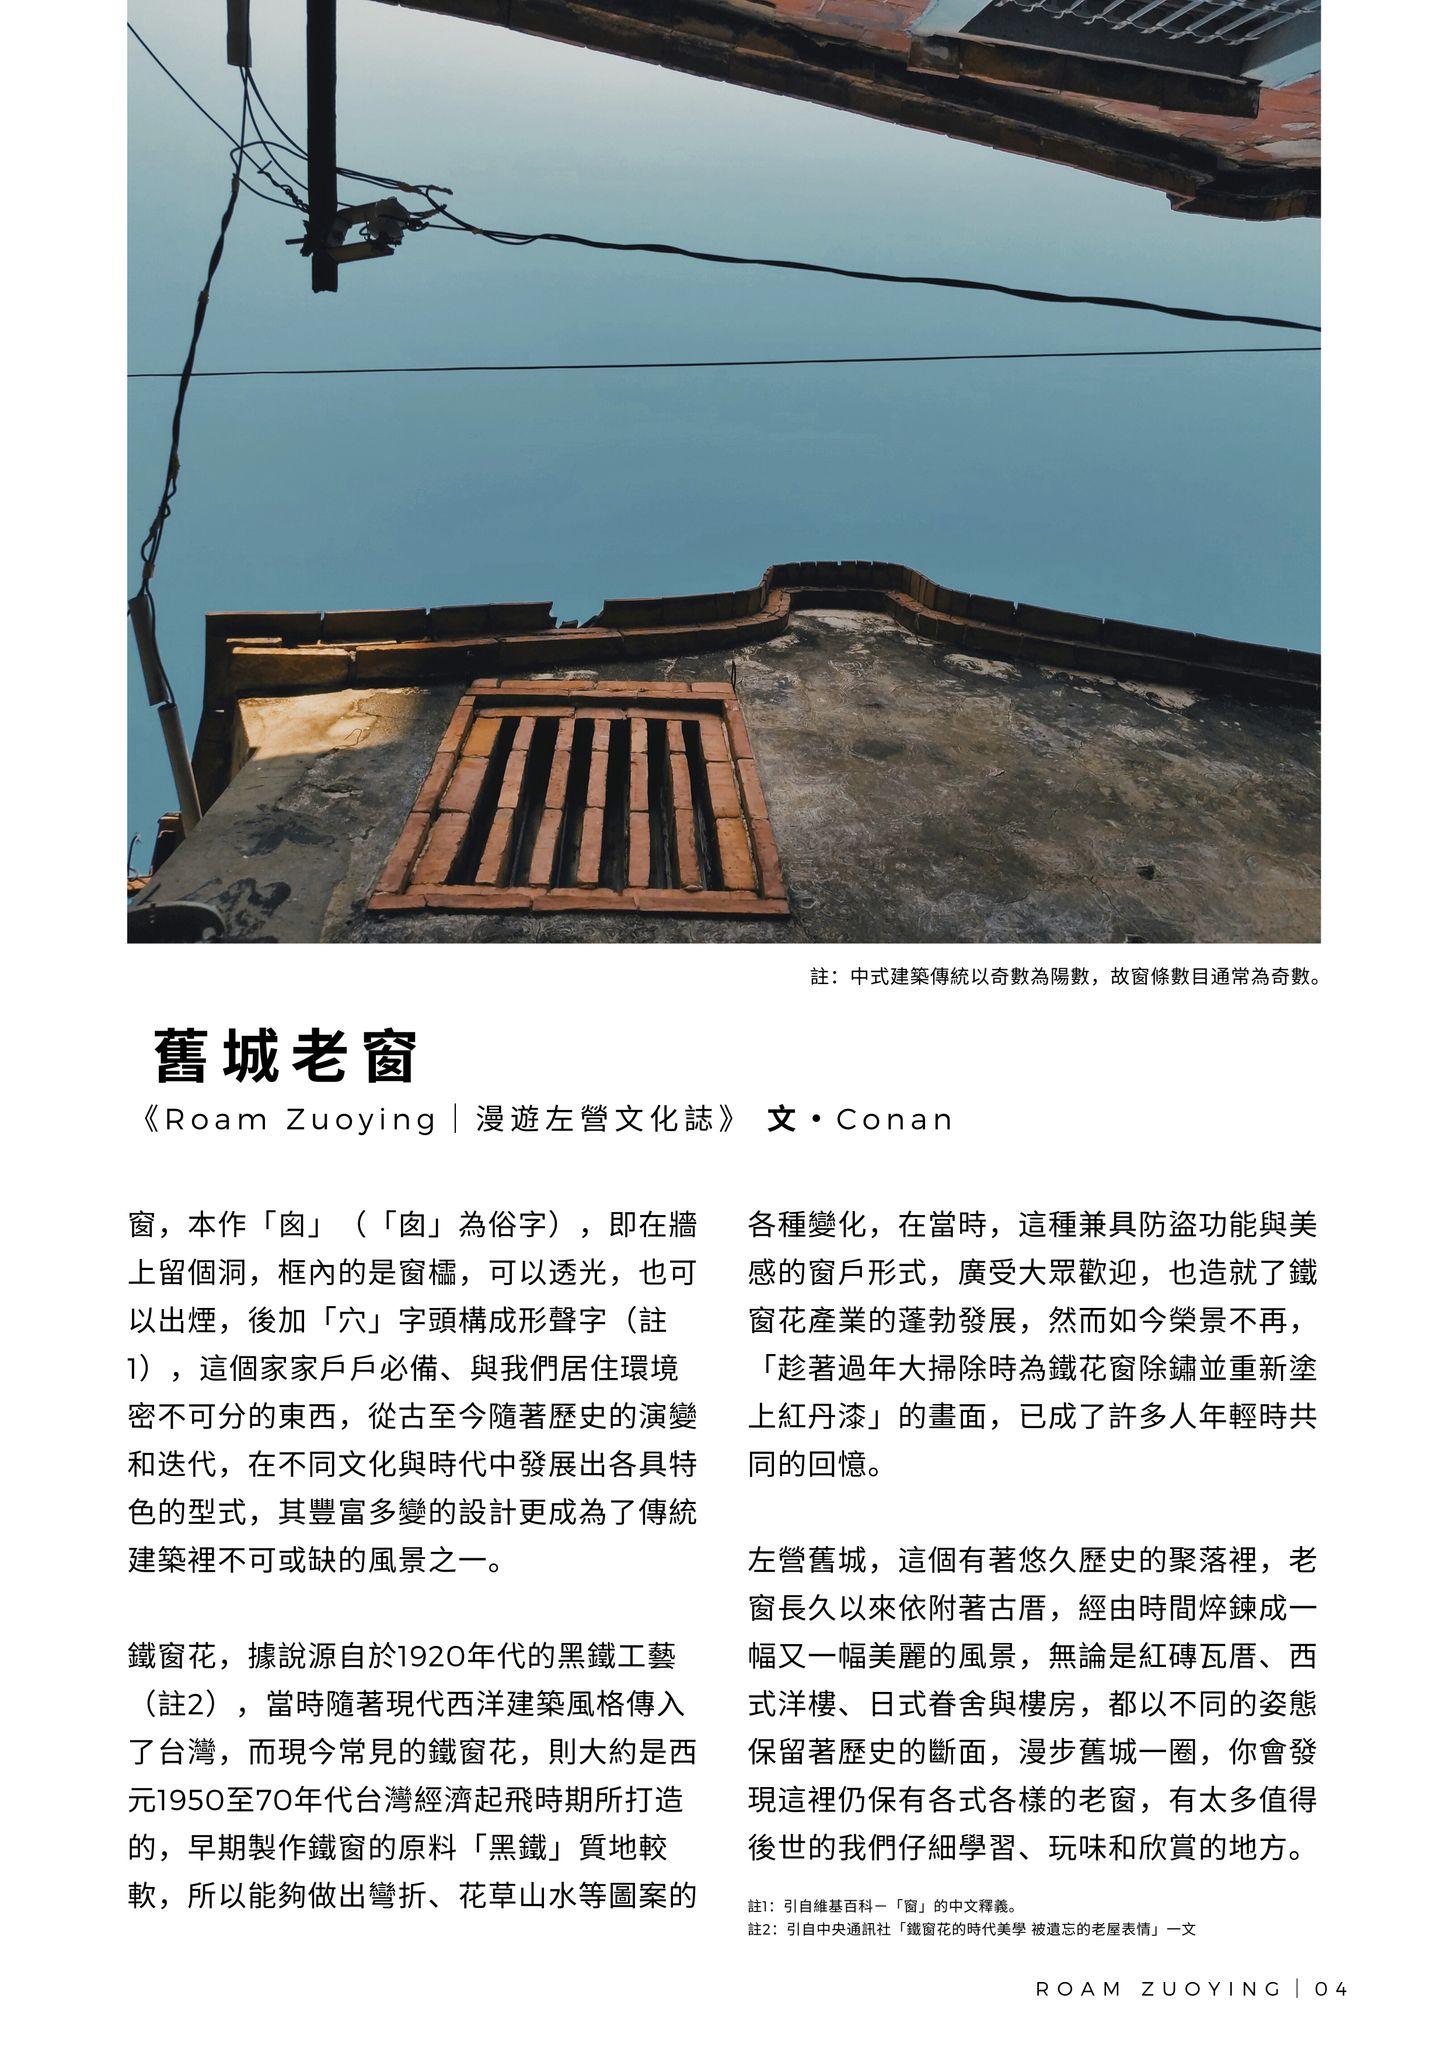 漫遊左營文化誌|Roam Zuoying Issue03 - 舊城老窗